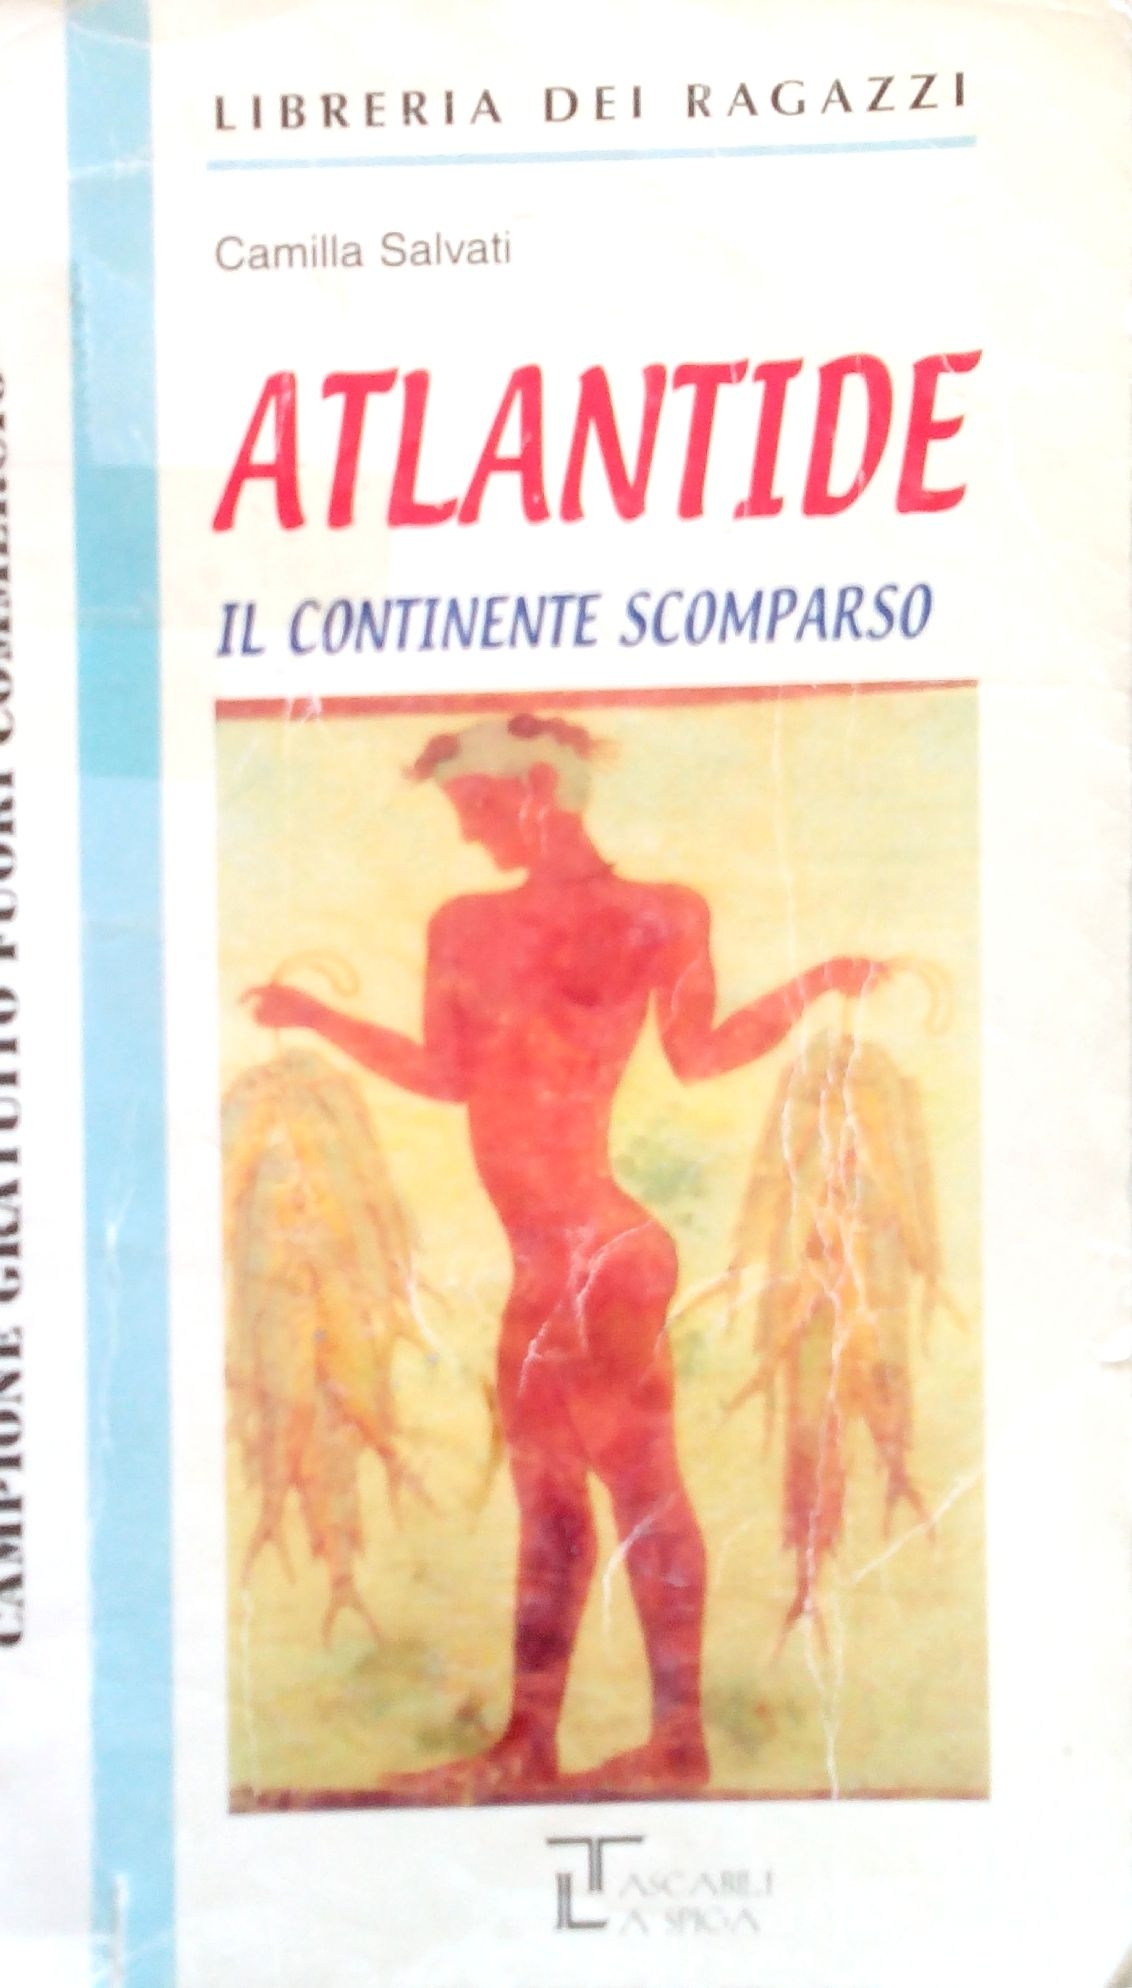 Atlantide: Il continente scomparso